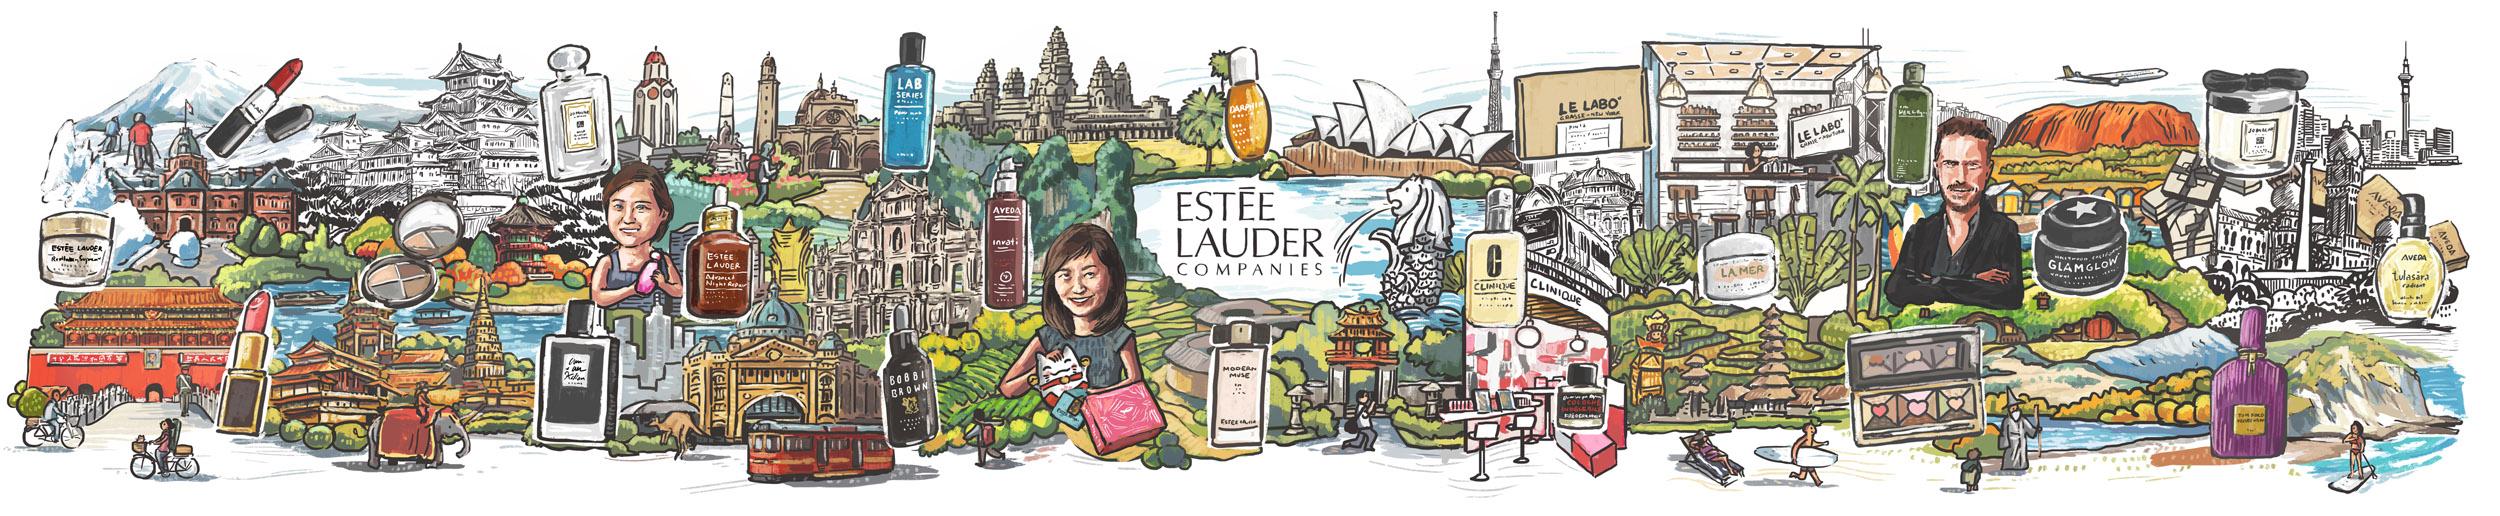 Estée Lauder Group